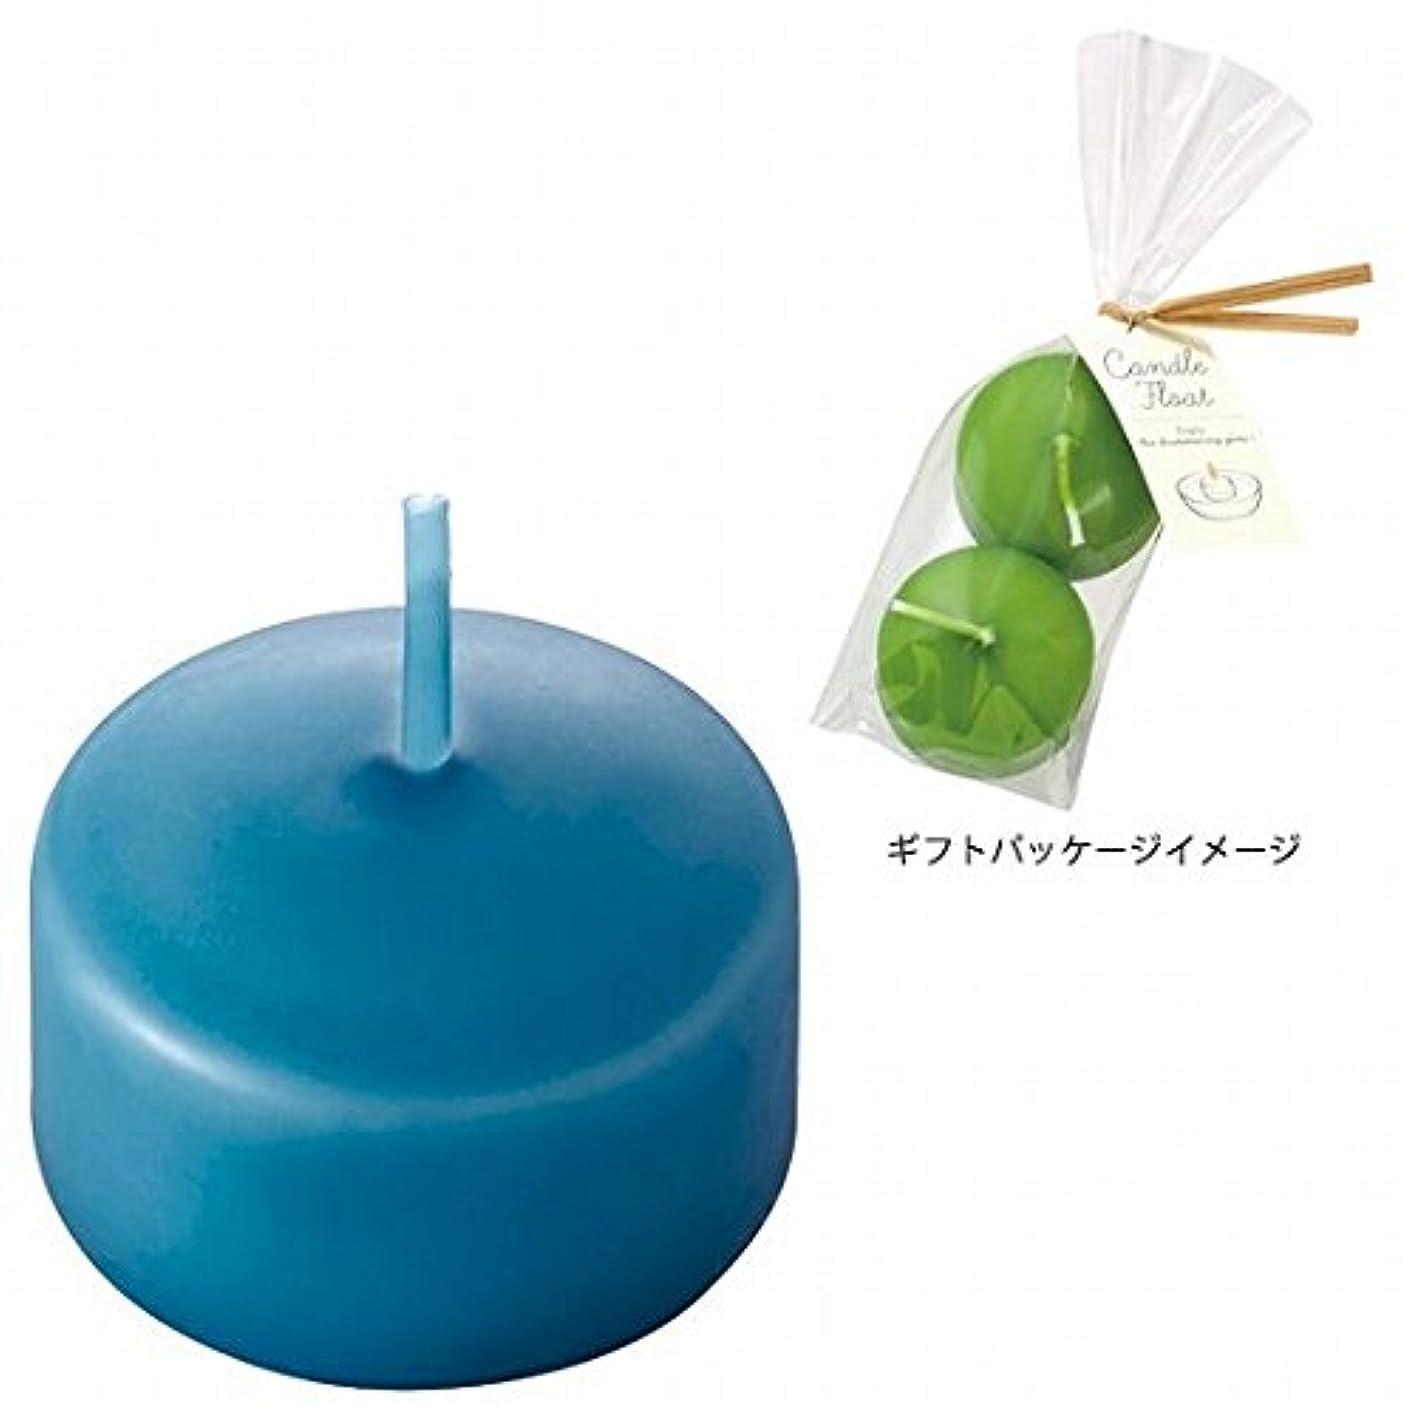 肖像画歩き回る無しカメヤマキャンドル(kameyama candle) ハッピープール(2個入り) キャンドル 「コバルトブルー」